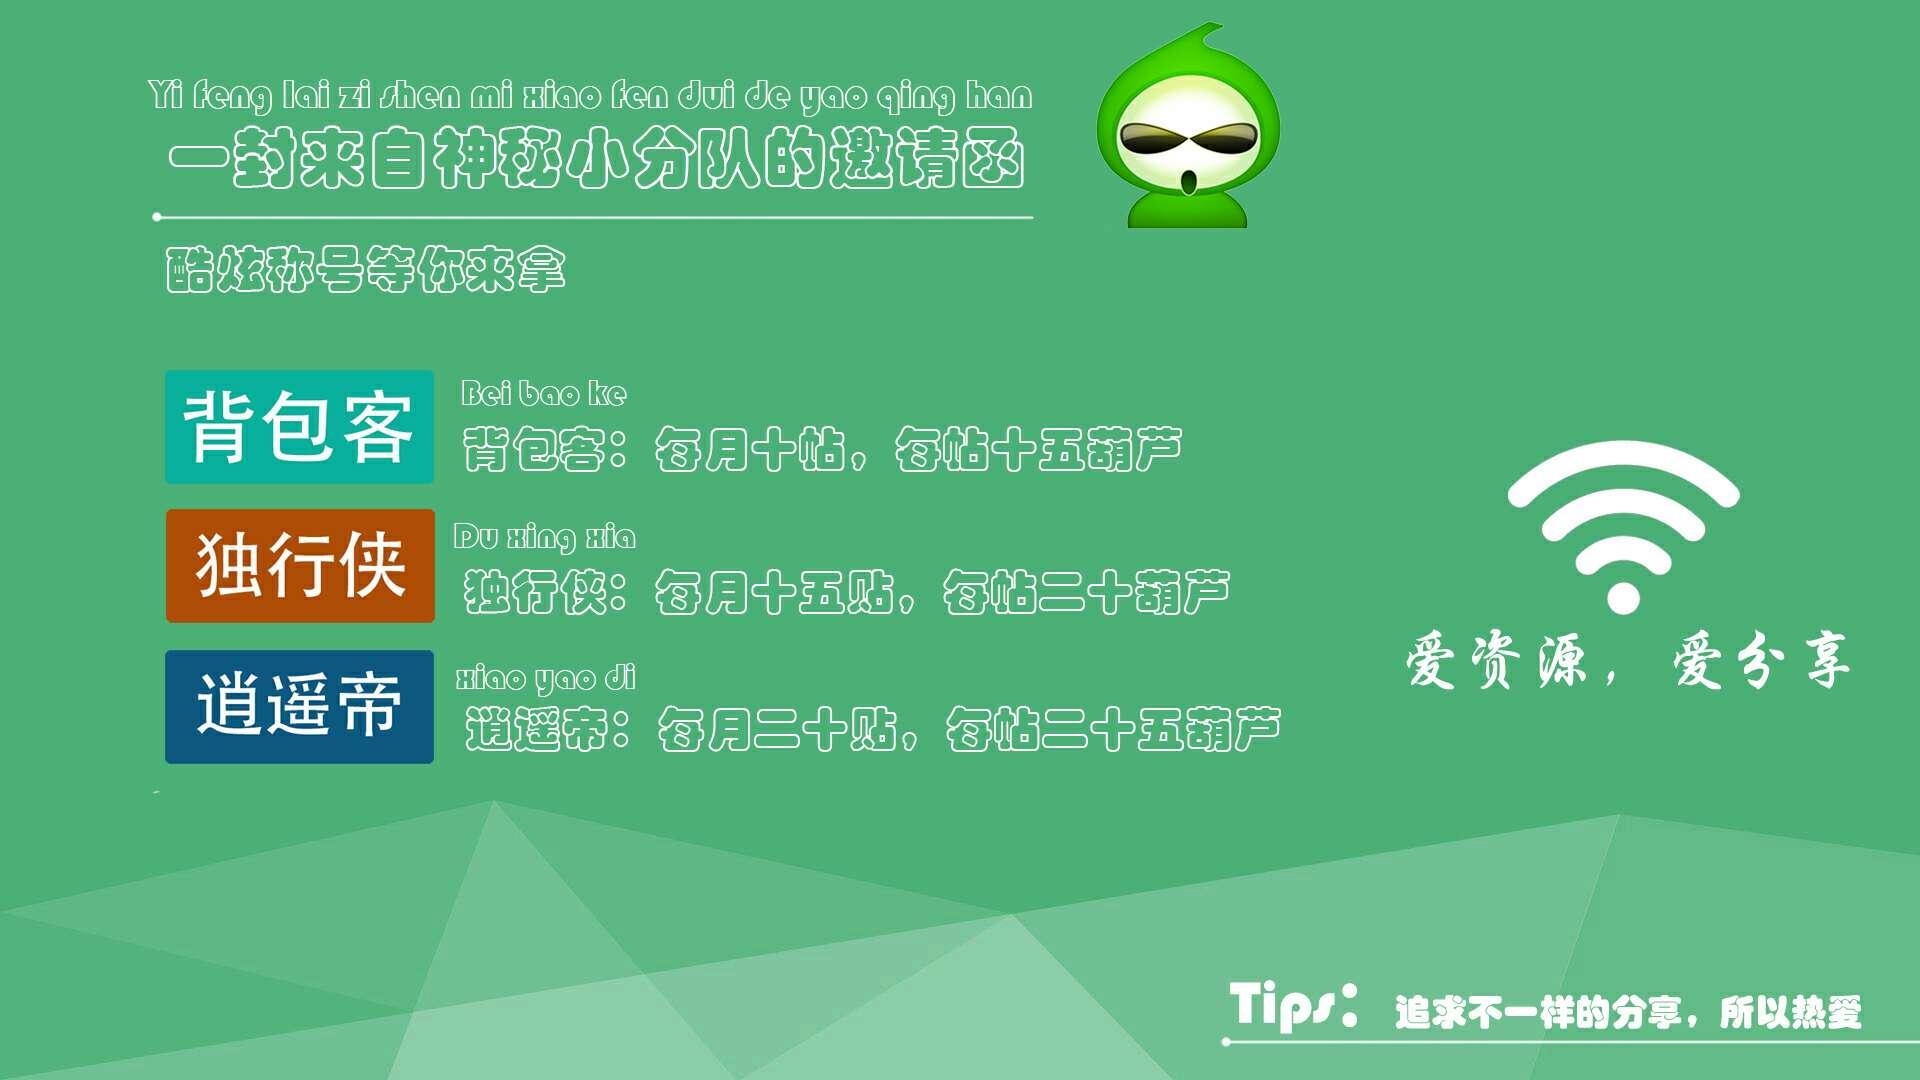 线报-「资源分享」PS视频教程线报-「教你」-惠小助(52huixz.com)